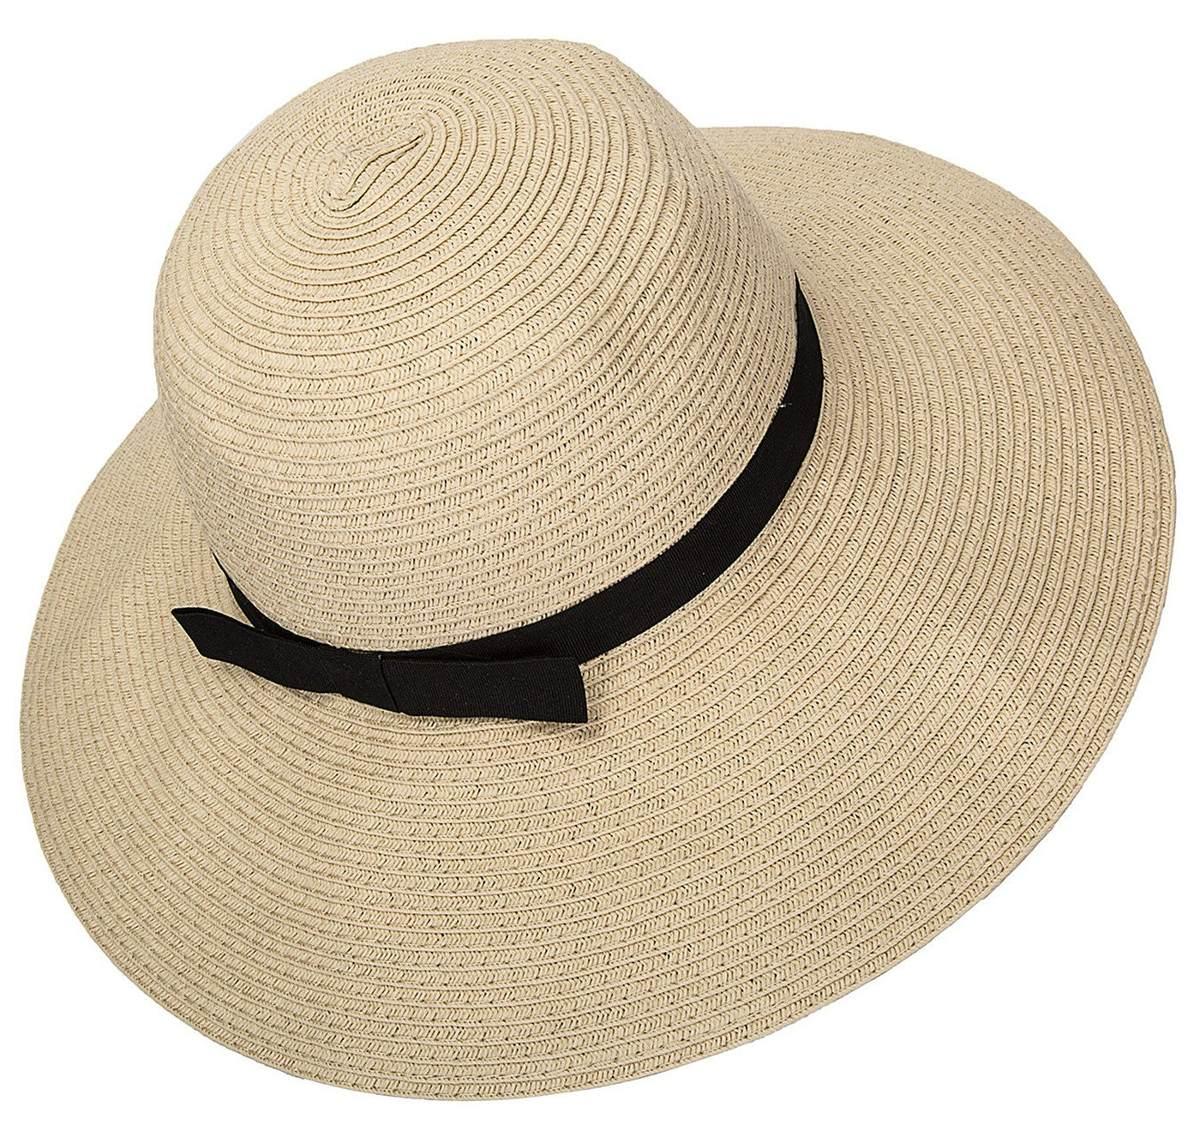 gorros de playa floppy sun beach sombreros gorra de veran. Cargando zoom. 0a18cda73ec